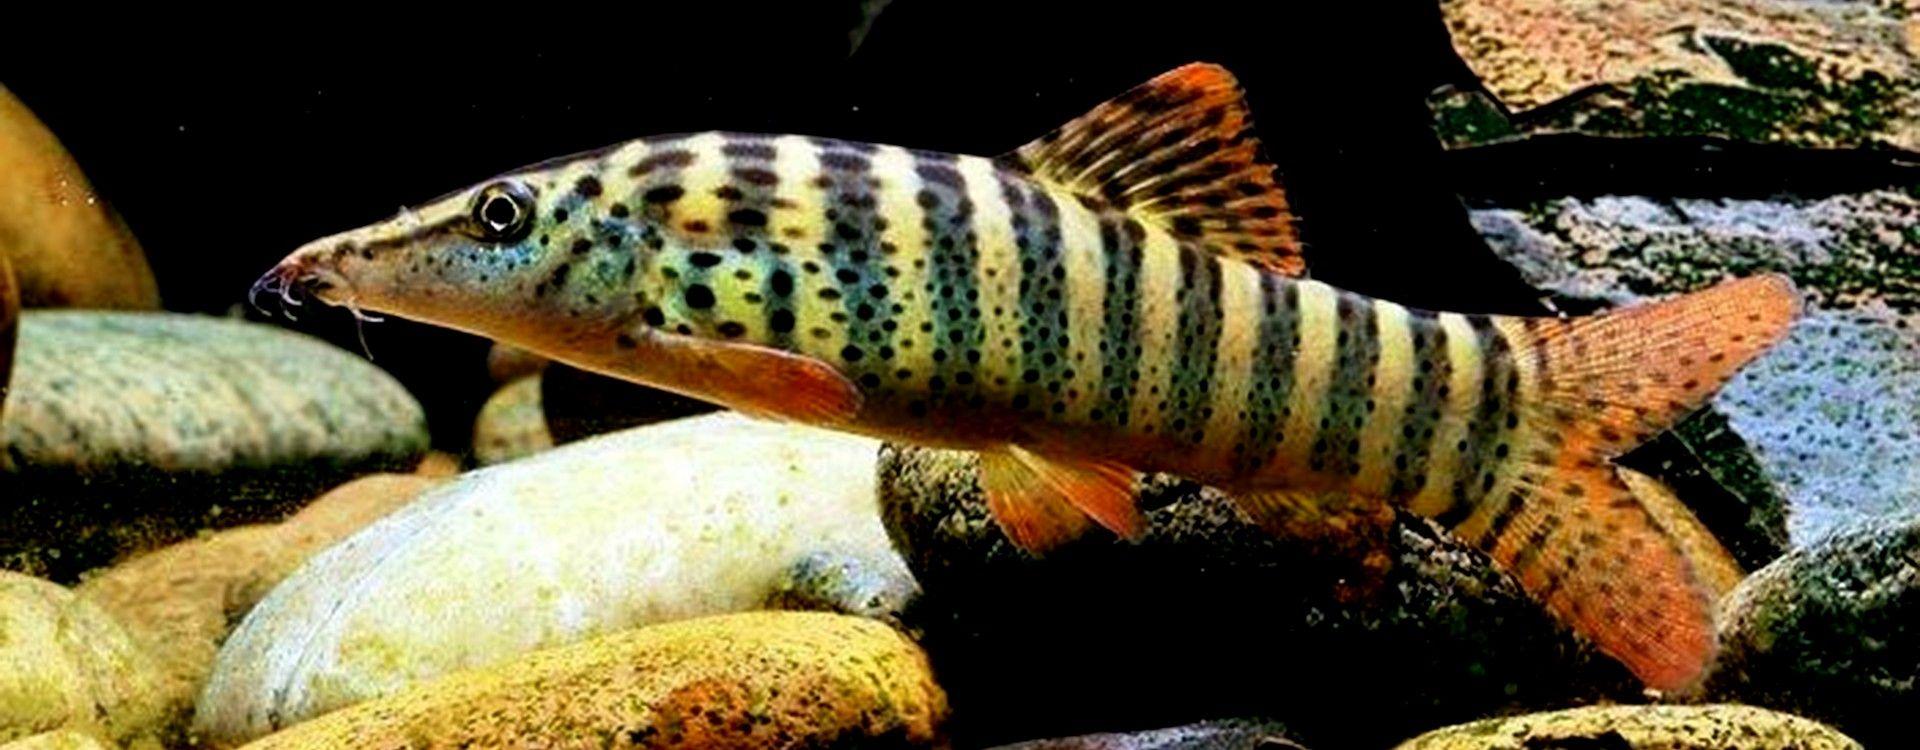 Przewodnik ryb akwariowych. Bocje - ryby z rodziny piskorzowatych.